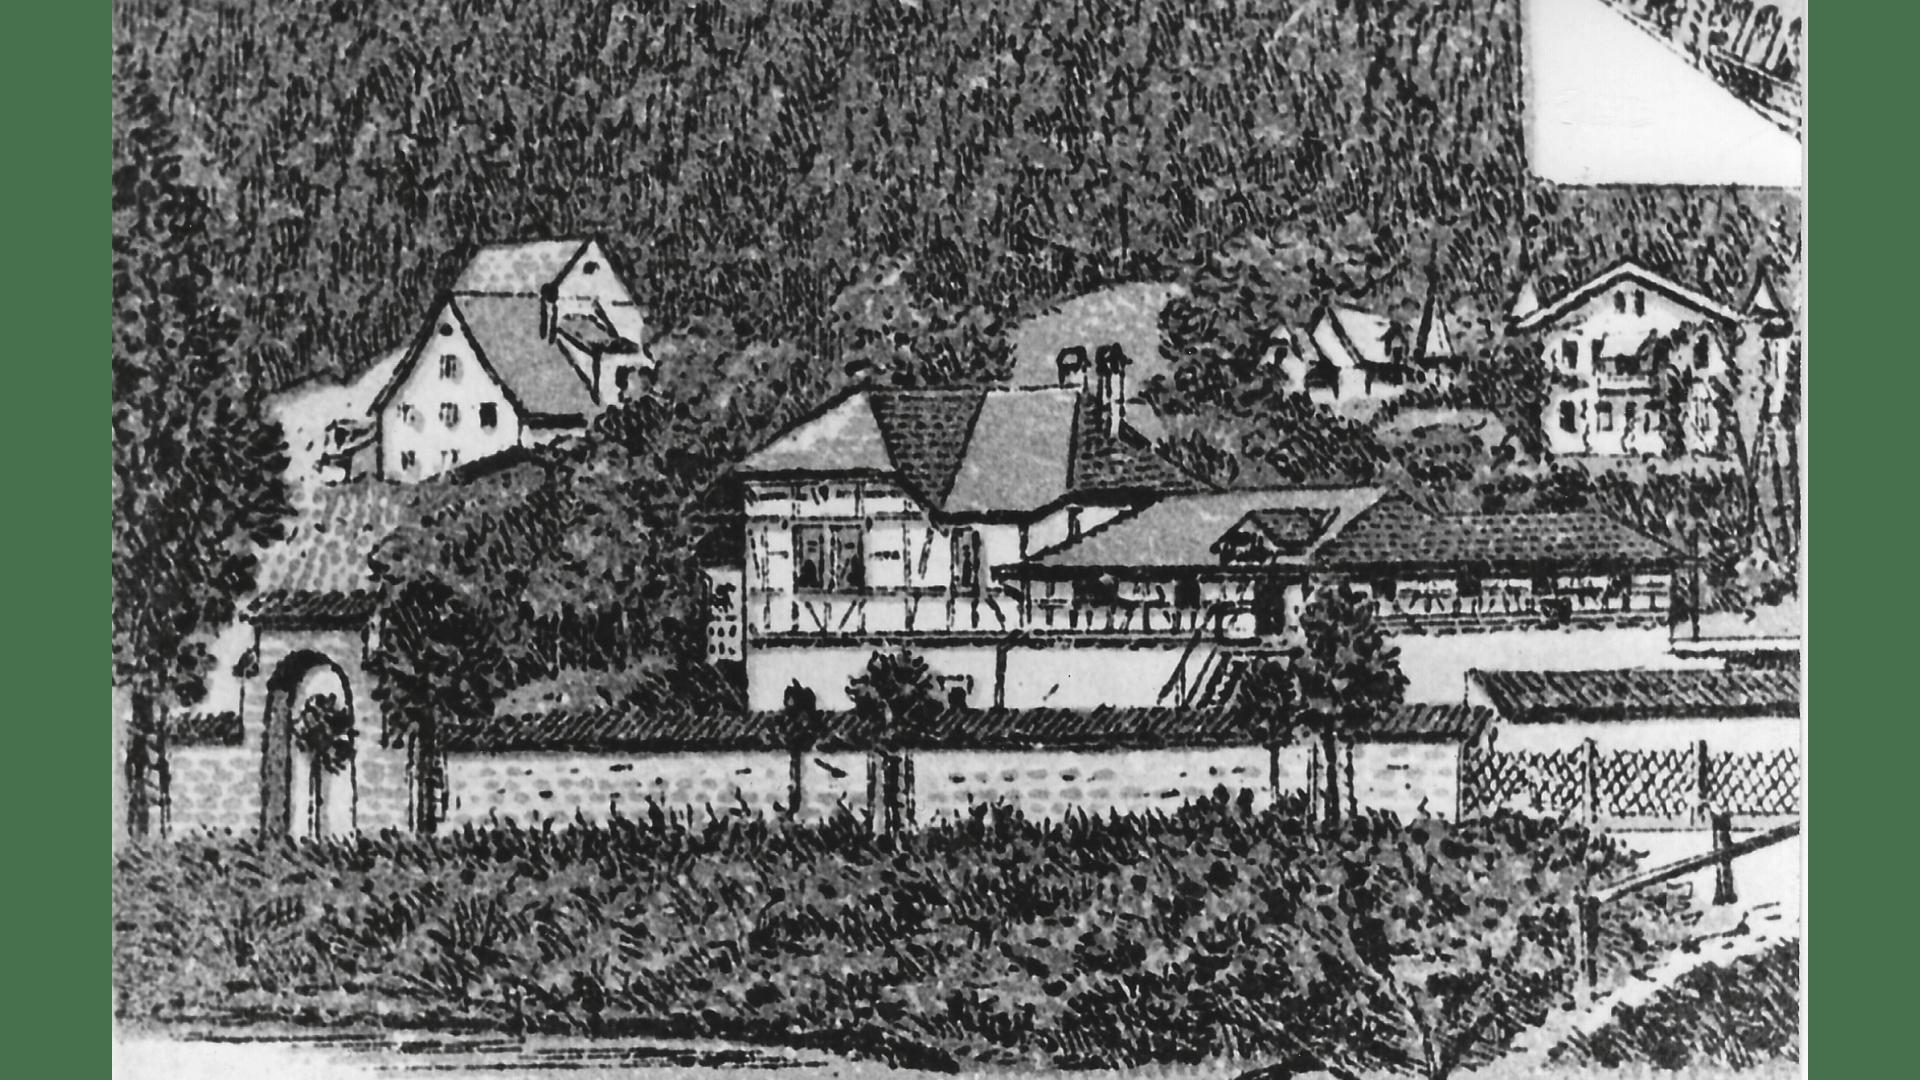 Historische gemalte Ansicht-Fritz Keller Haus -Villa Steiner. Foto:  Archiv Arme Schulschwestern